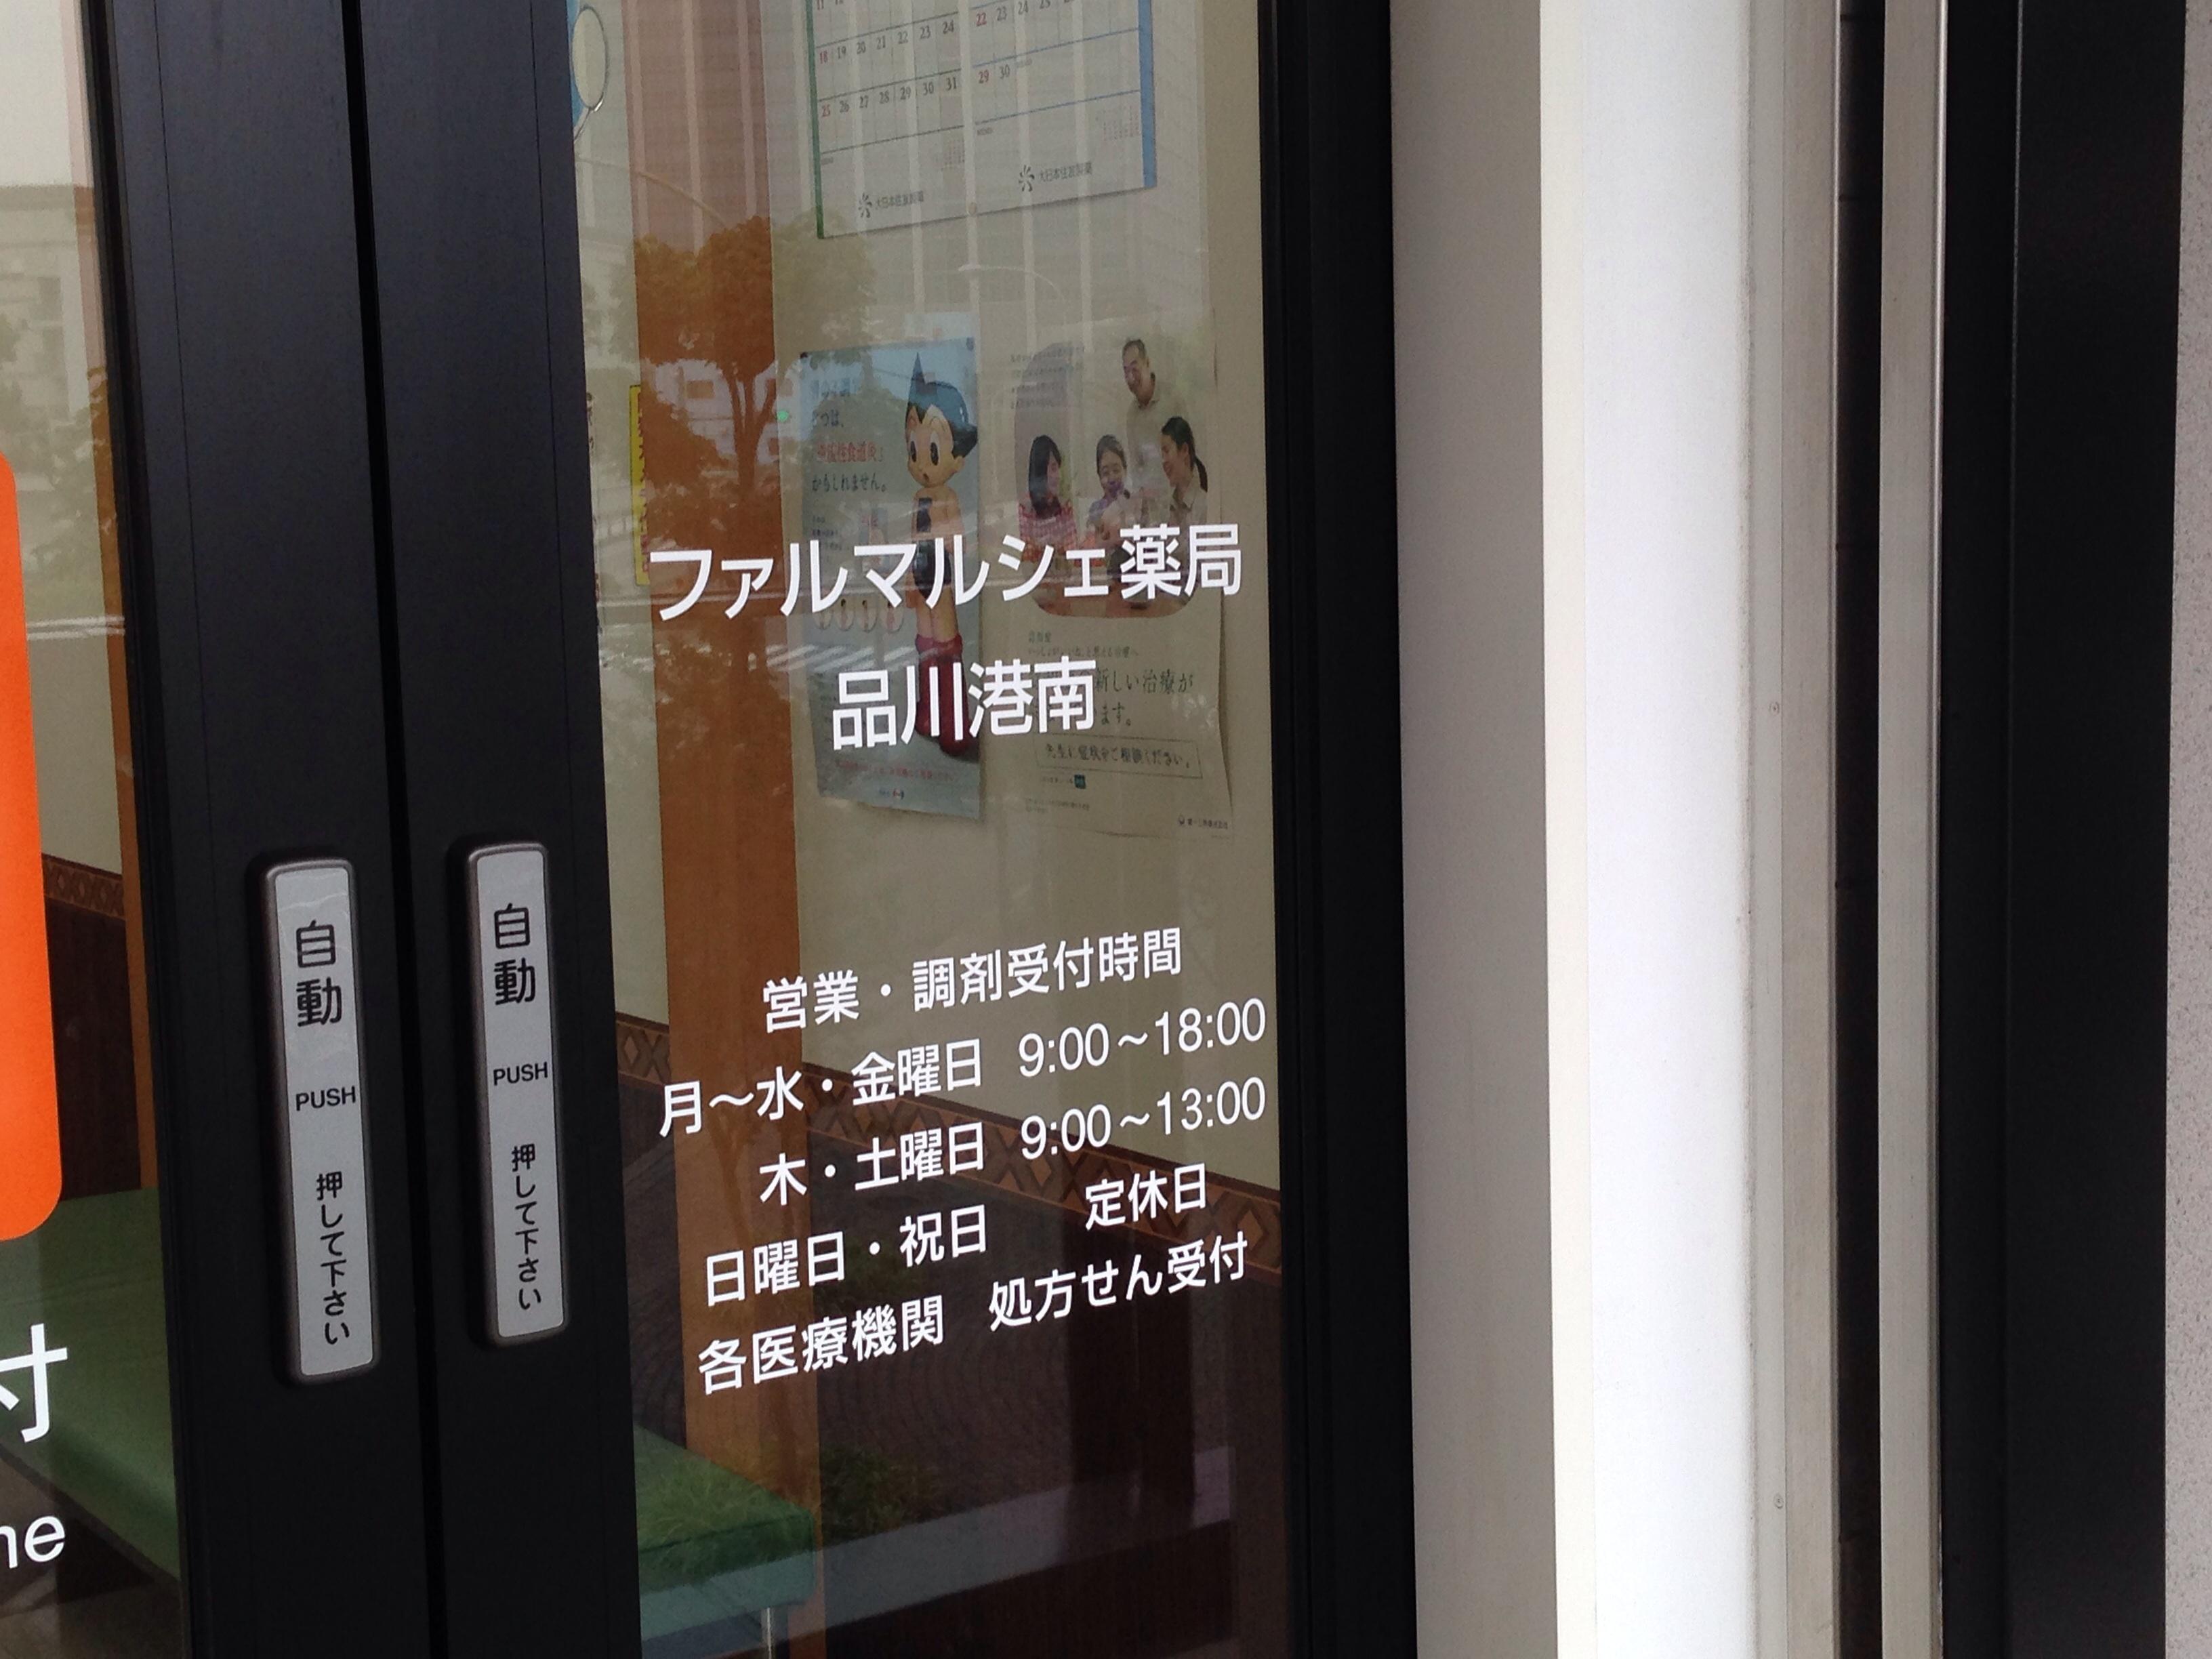 ダルマ薬局 川内亀岡店のチラシ・セール情報 | トクバイ